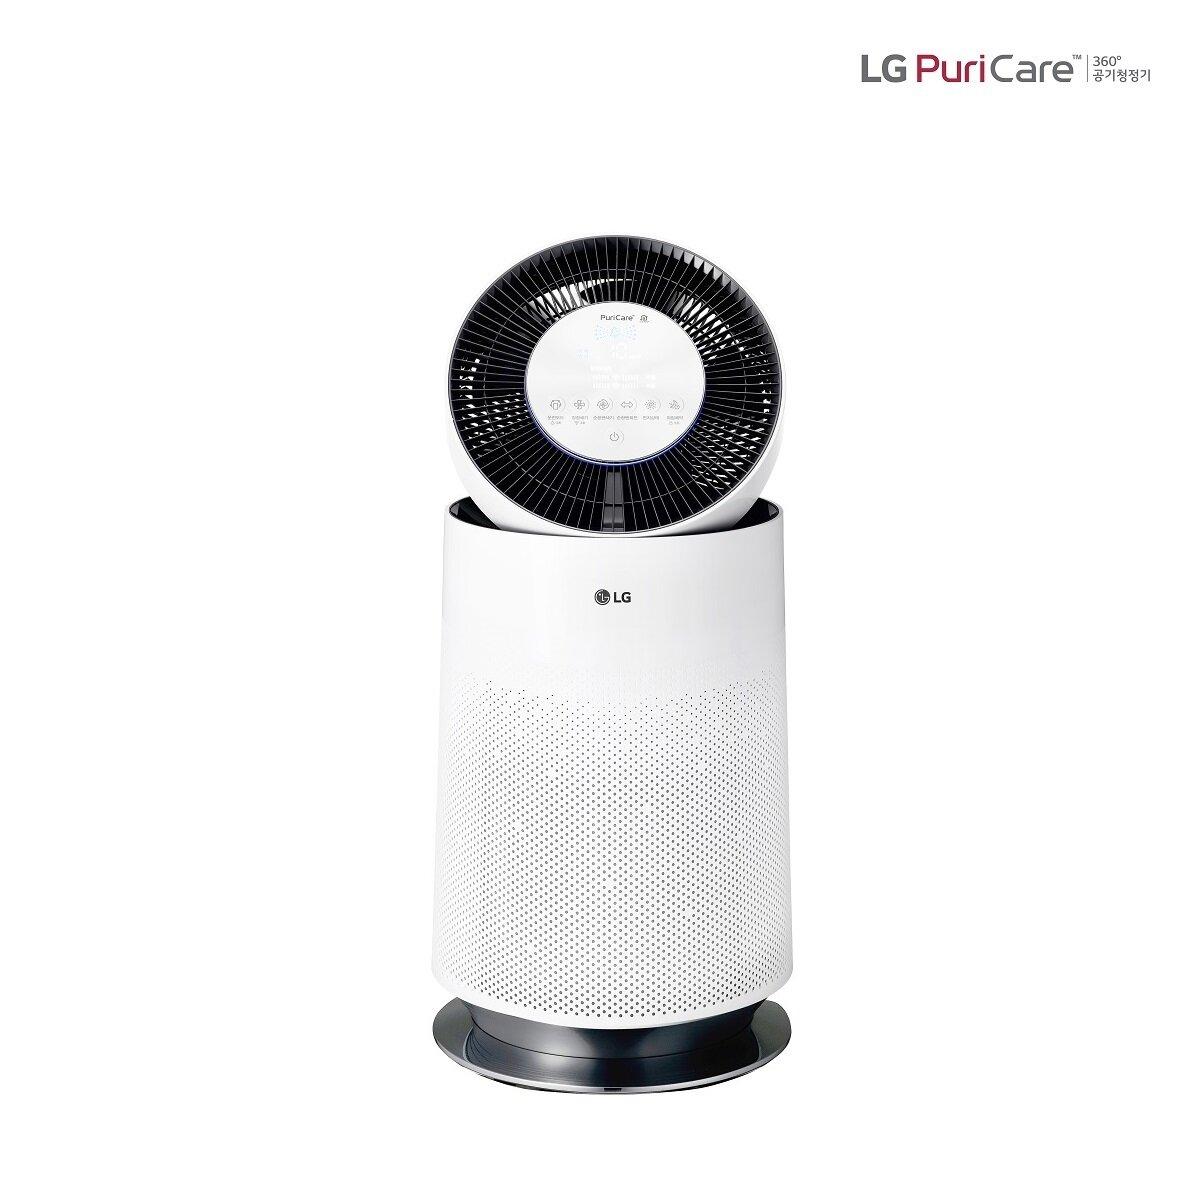 [신세계TV쇼핑][LG] 퓨리케어 360 공기청정기 싱글 AS180DWFC (58제곱미터/H13헤파필터), 단일상품